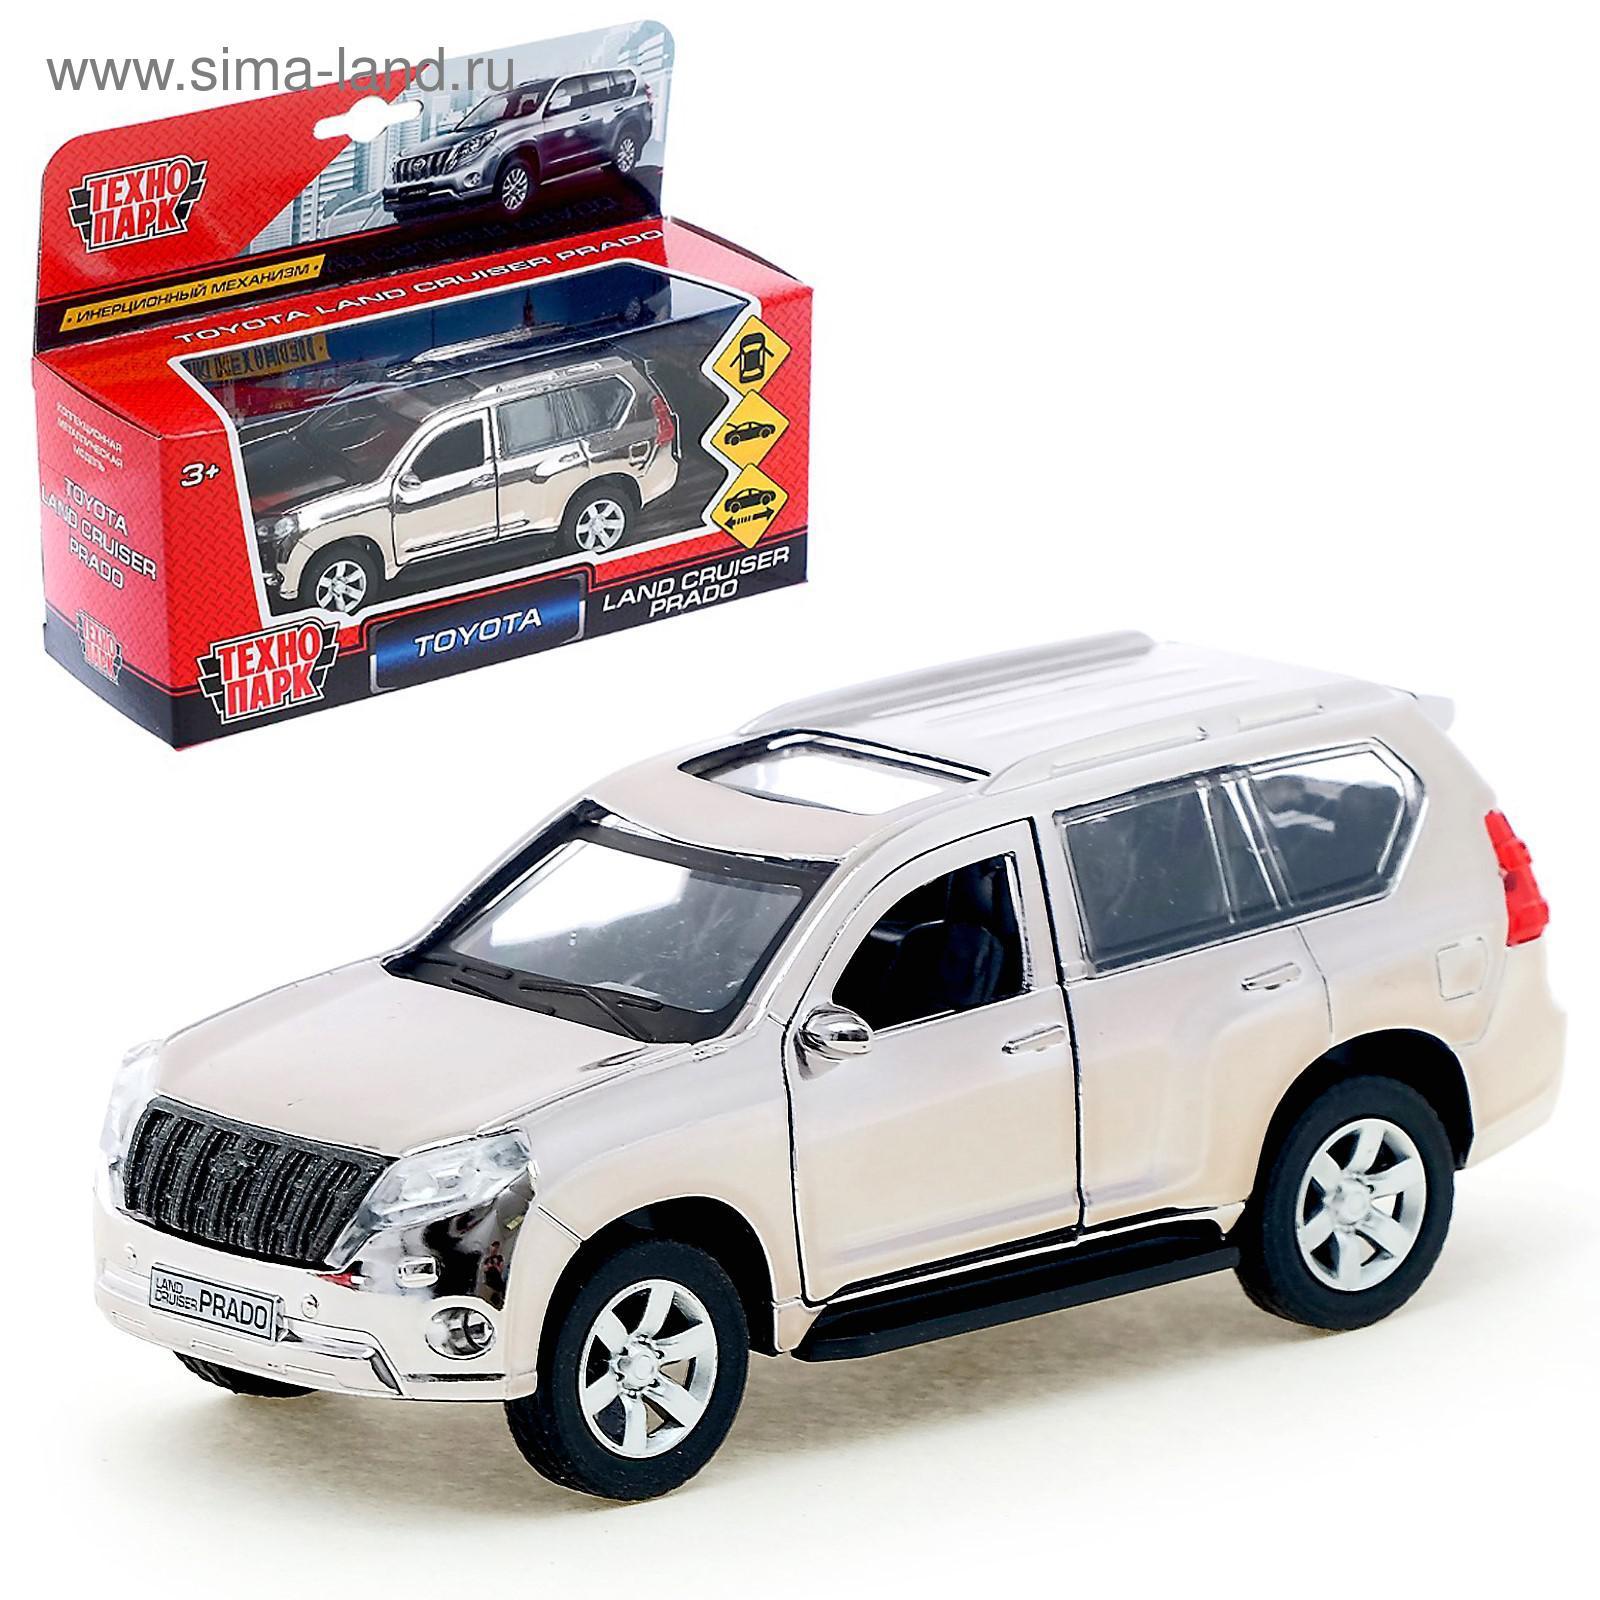 7c1572813336 Машина металлическая инерционная Toyota Prado, хром серебристый, 12 ...